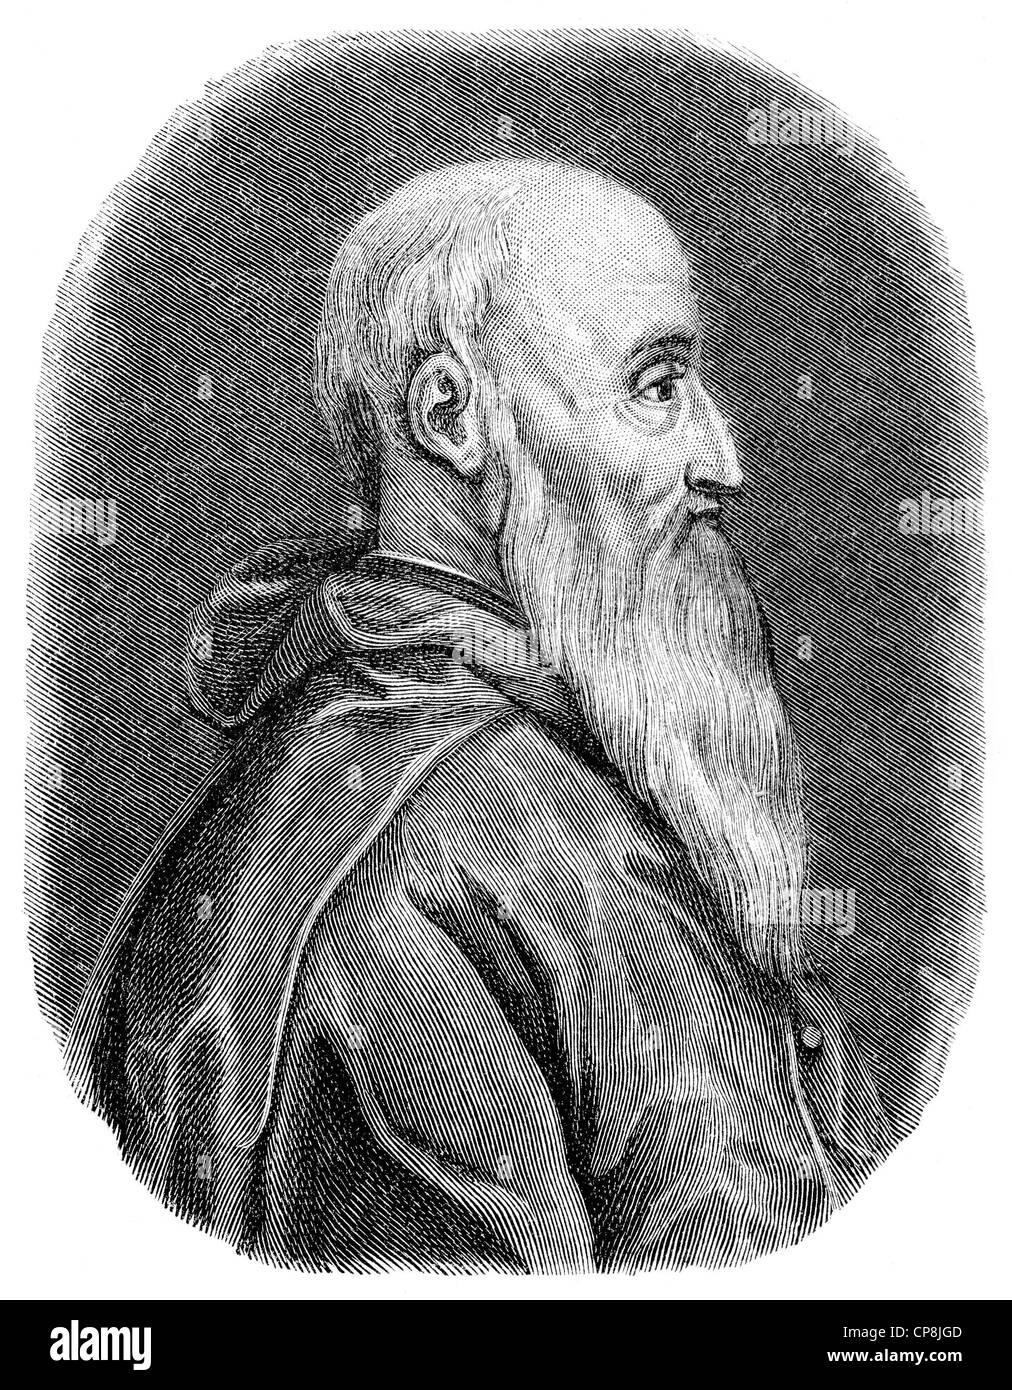 Pietro Bembo, 1470 - 1547, an Italian humanist scholar and Cardinal, Historische Zeichnung aus dem 19. Jahrhundert, Stock Photo